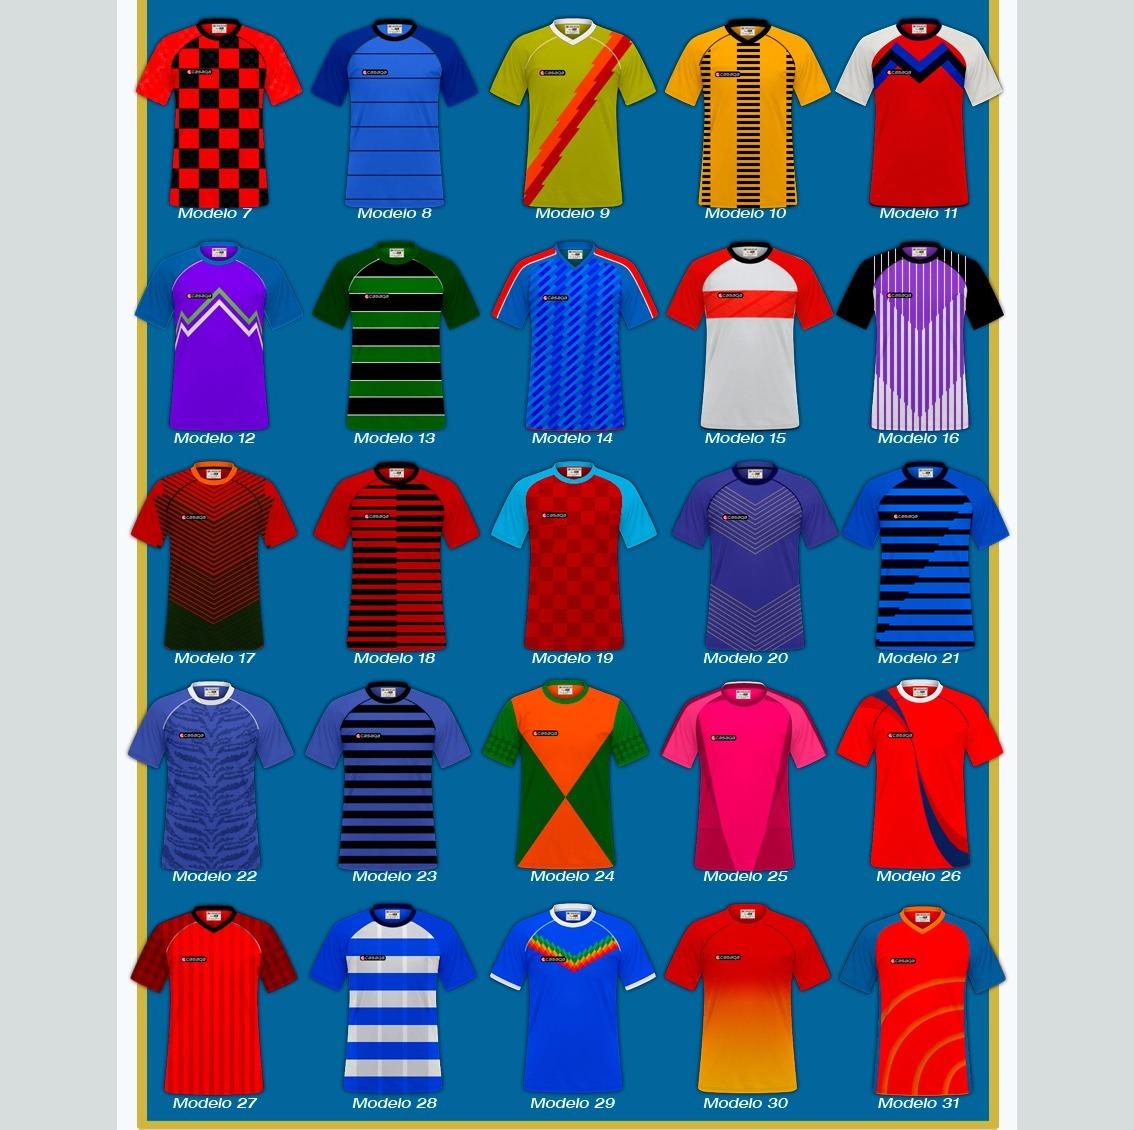 ac7e29abdf565 casacas de futbol sublimadas y short basico mas medias. Cargando zoom.